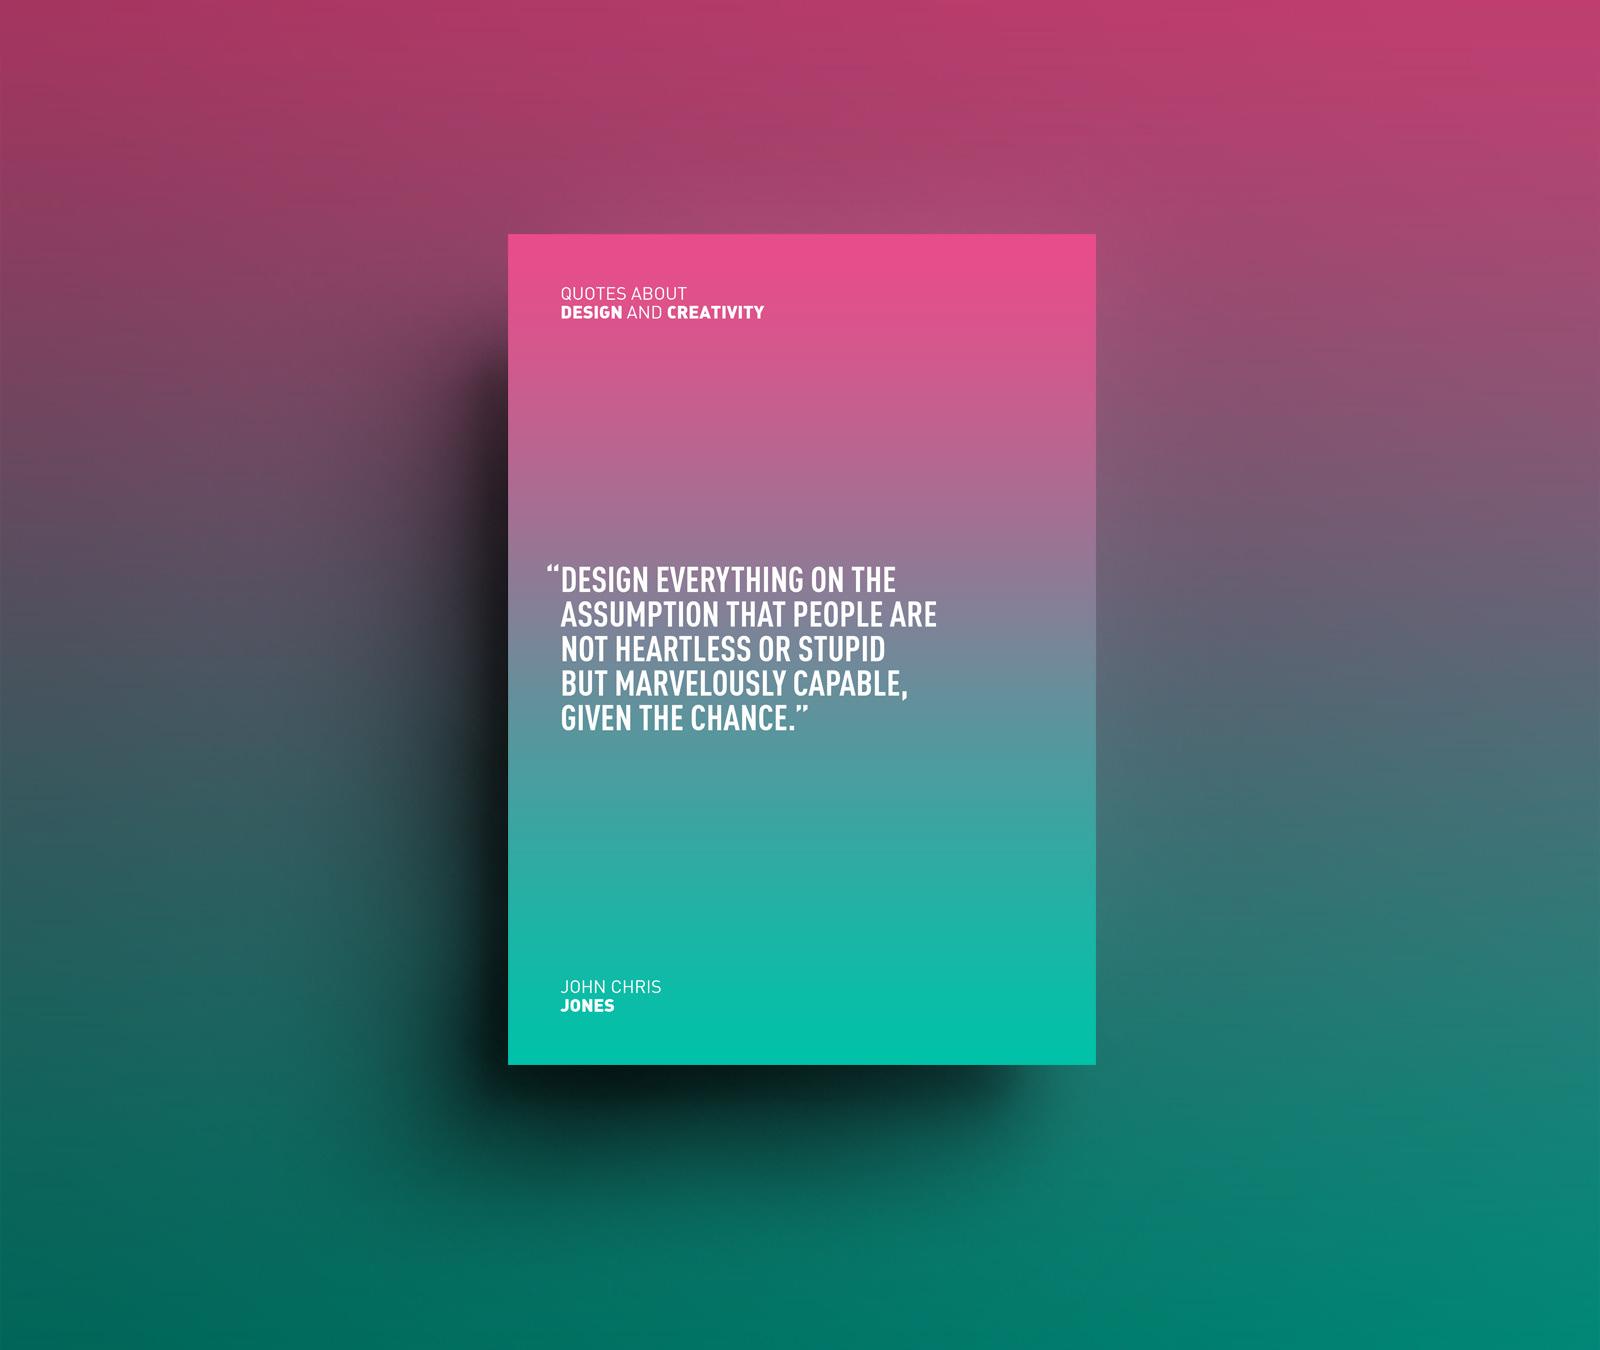 Quotes Design Riccardo Vicentelli  Design And Creativity Quotes